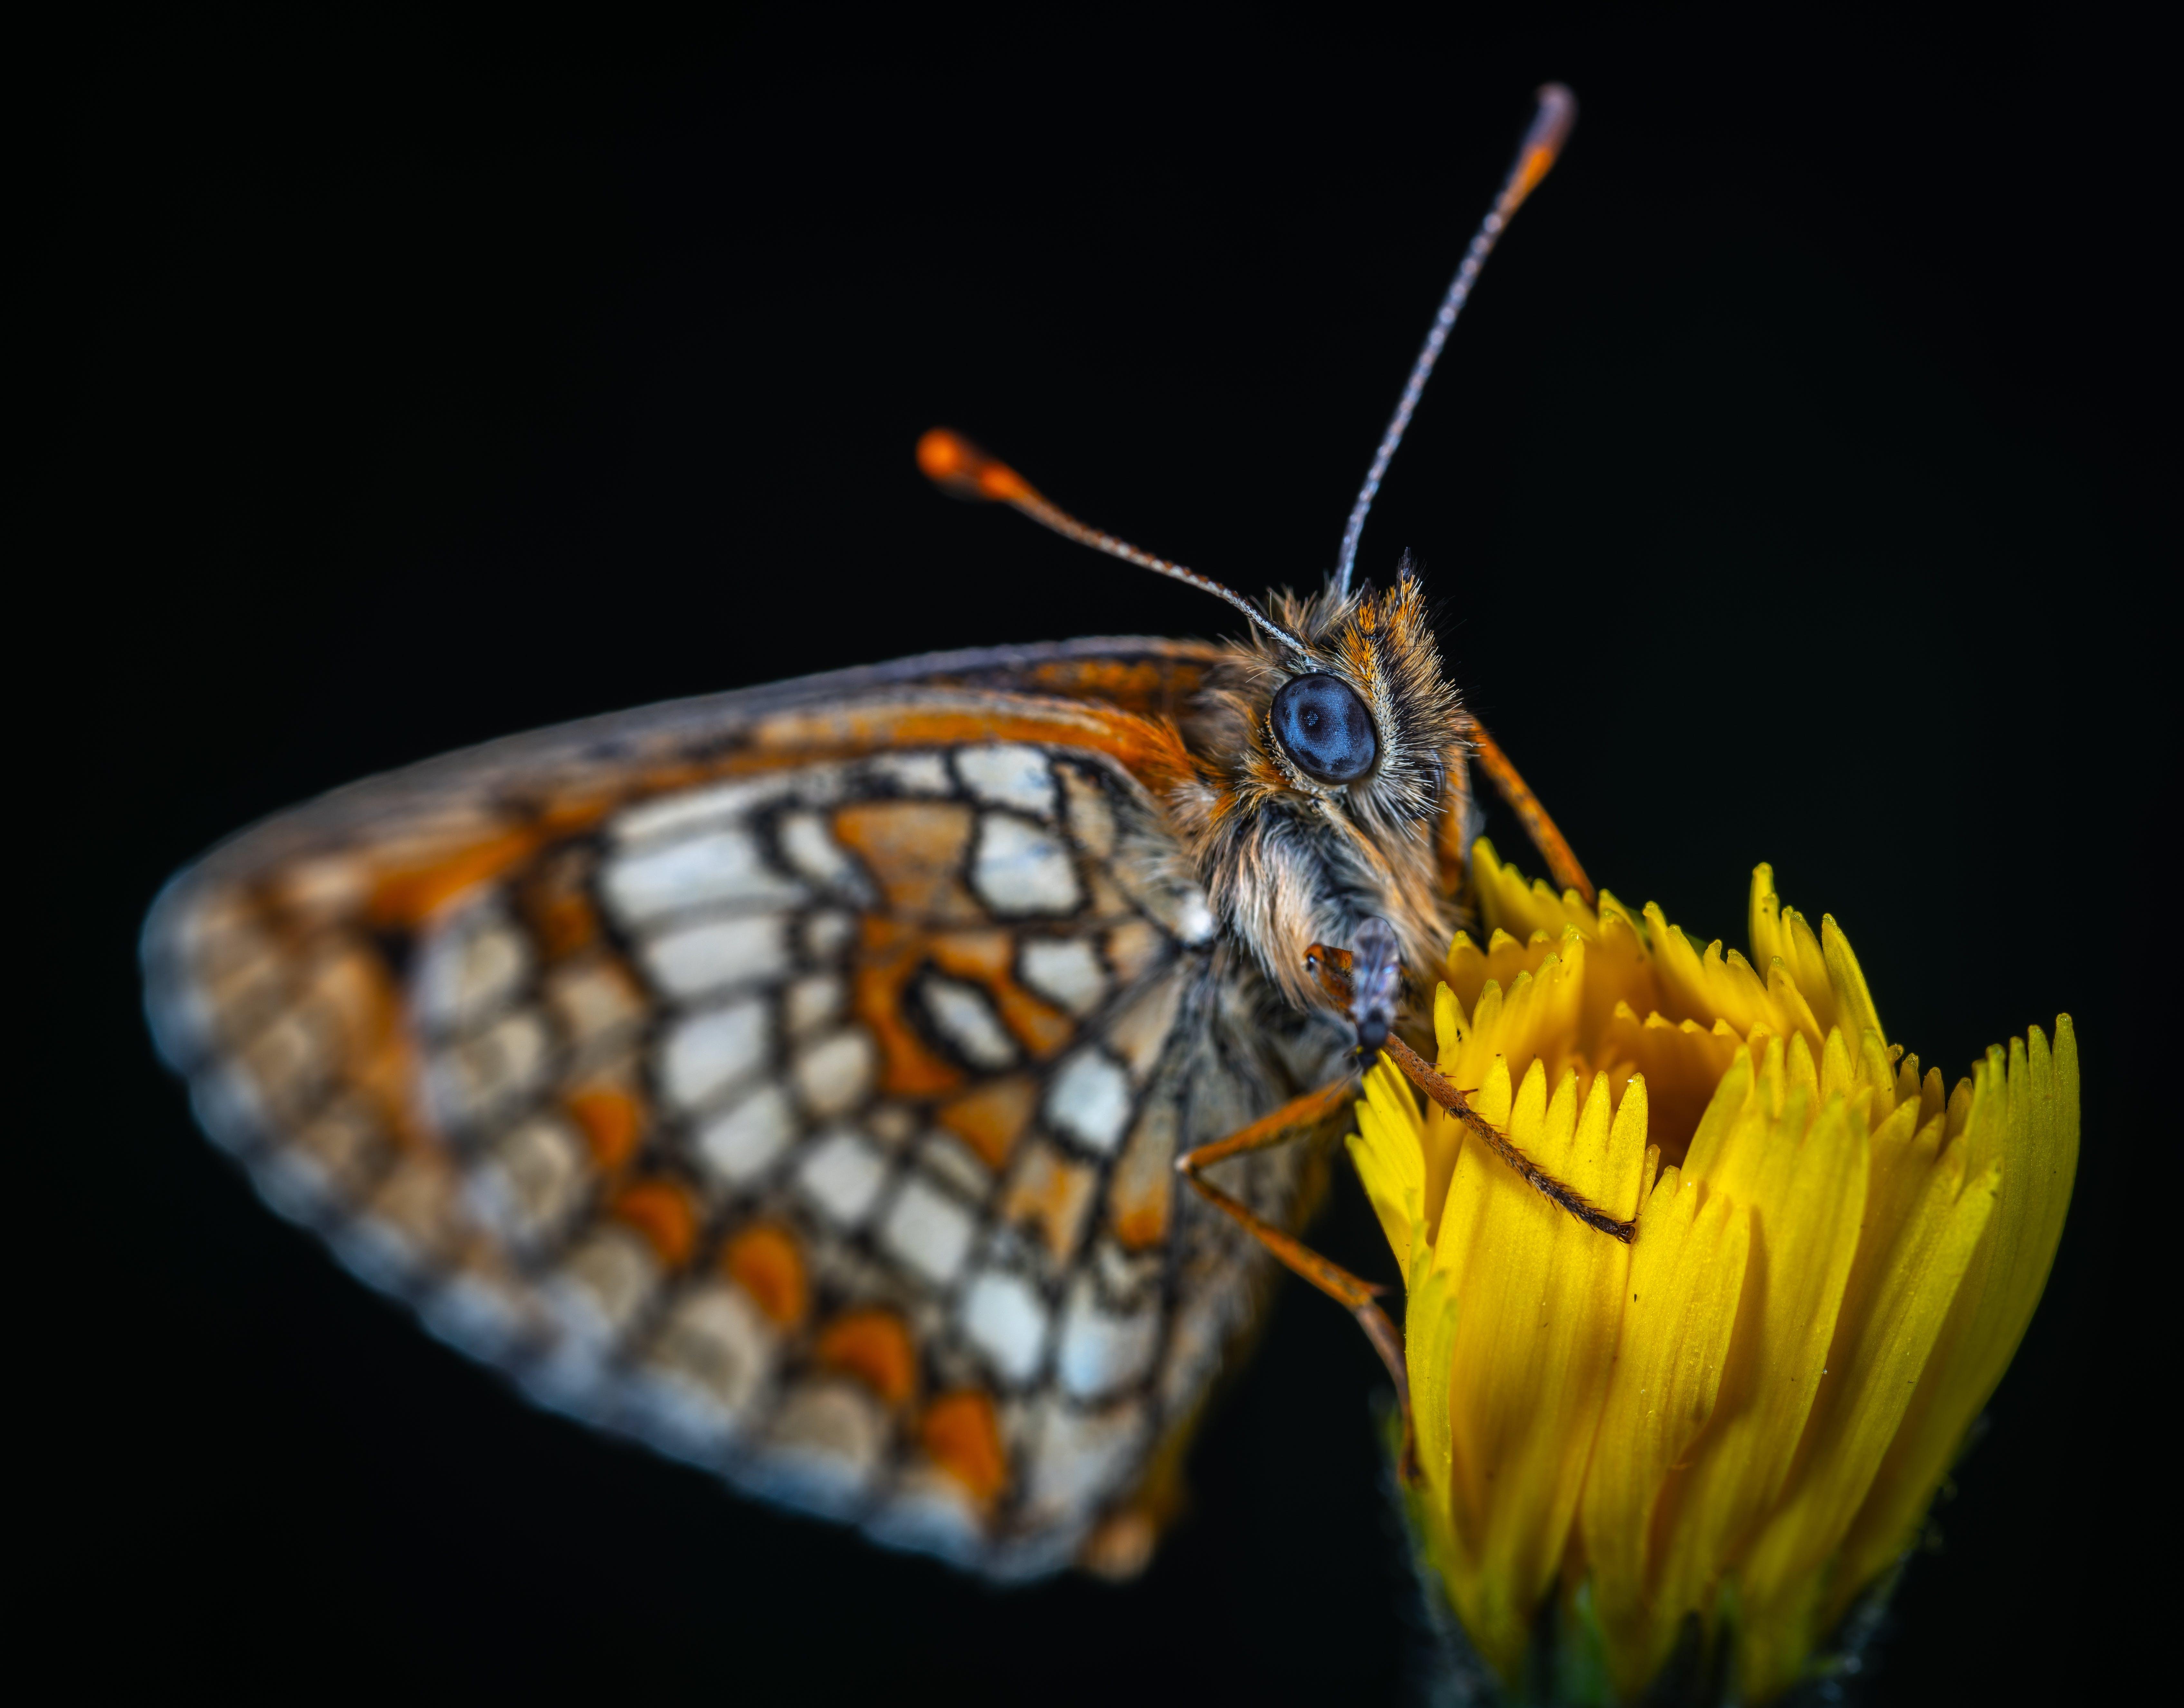 Kostenloses Stock Foto zu blume, insekt, makro, schmetterling